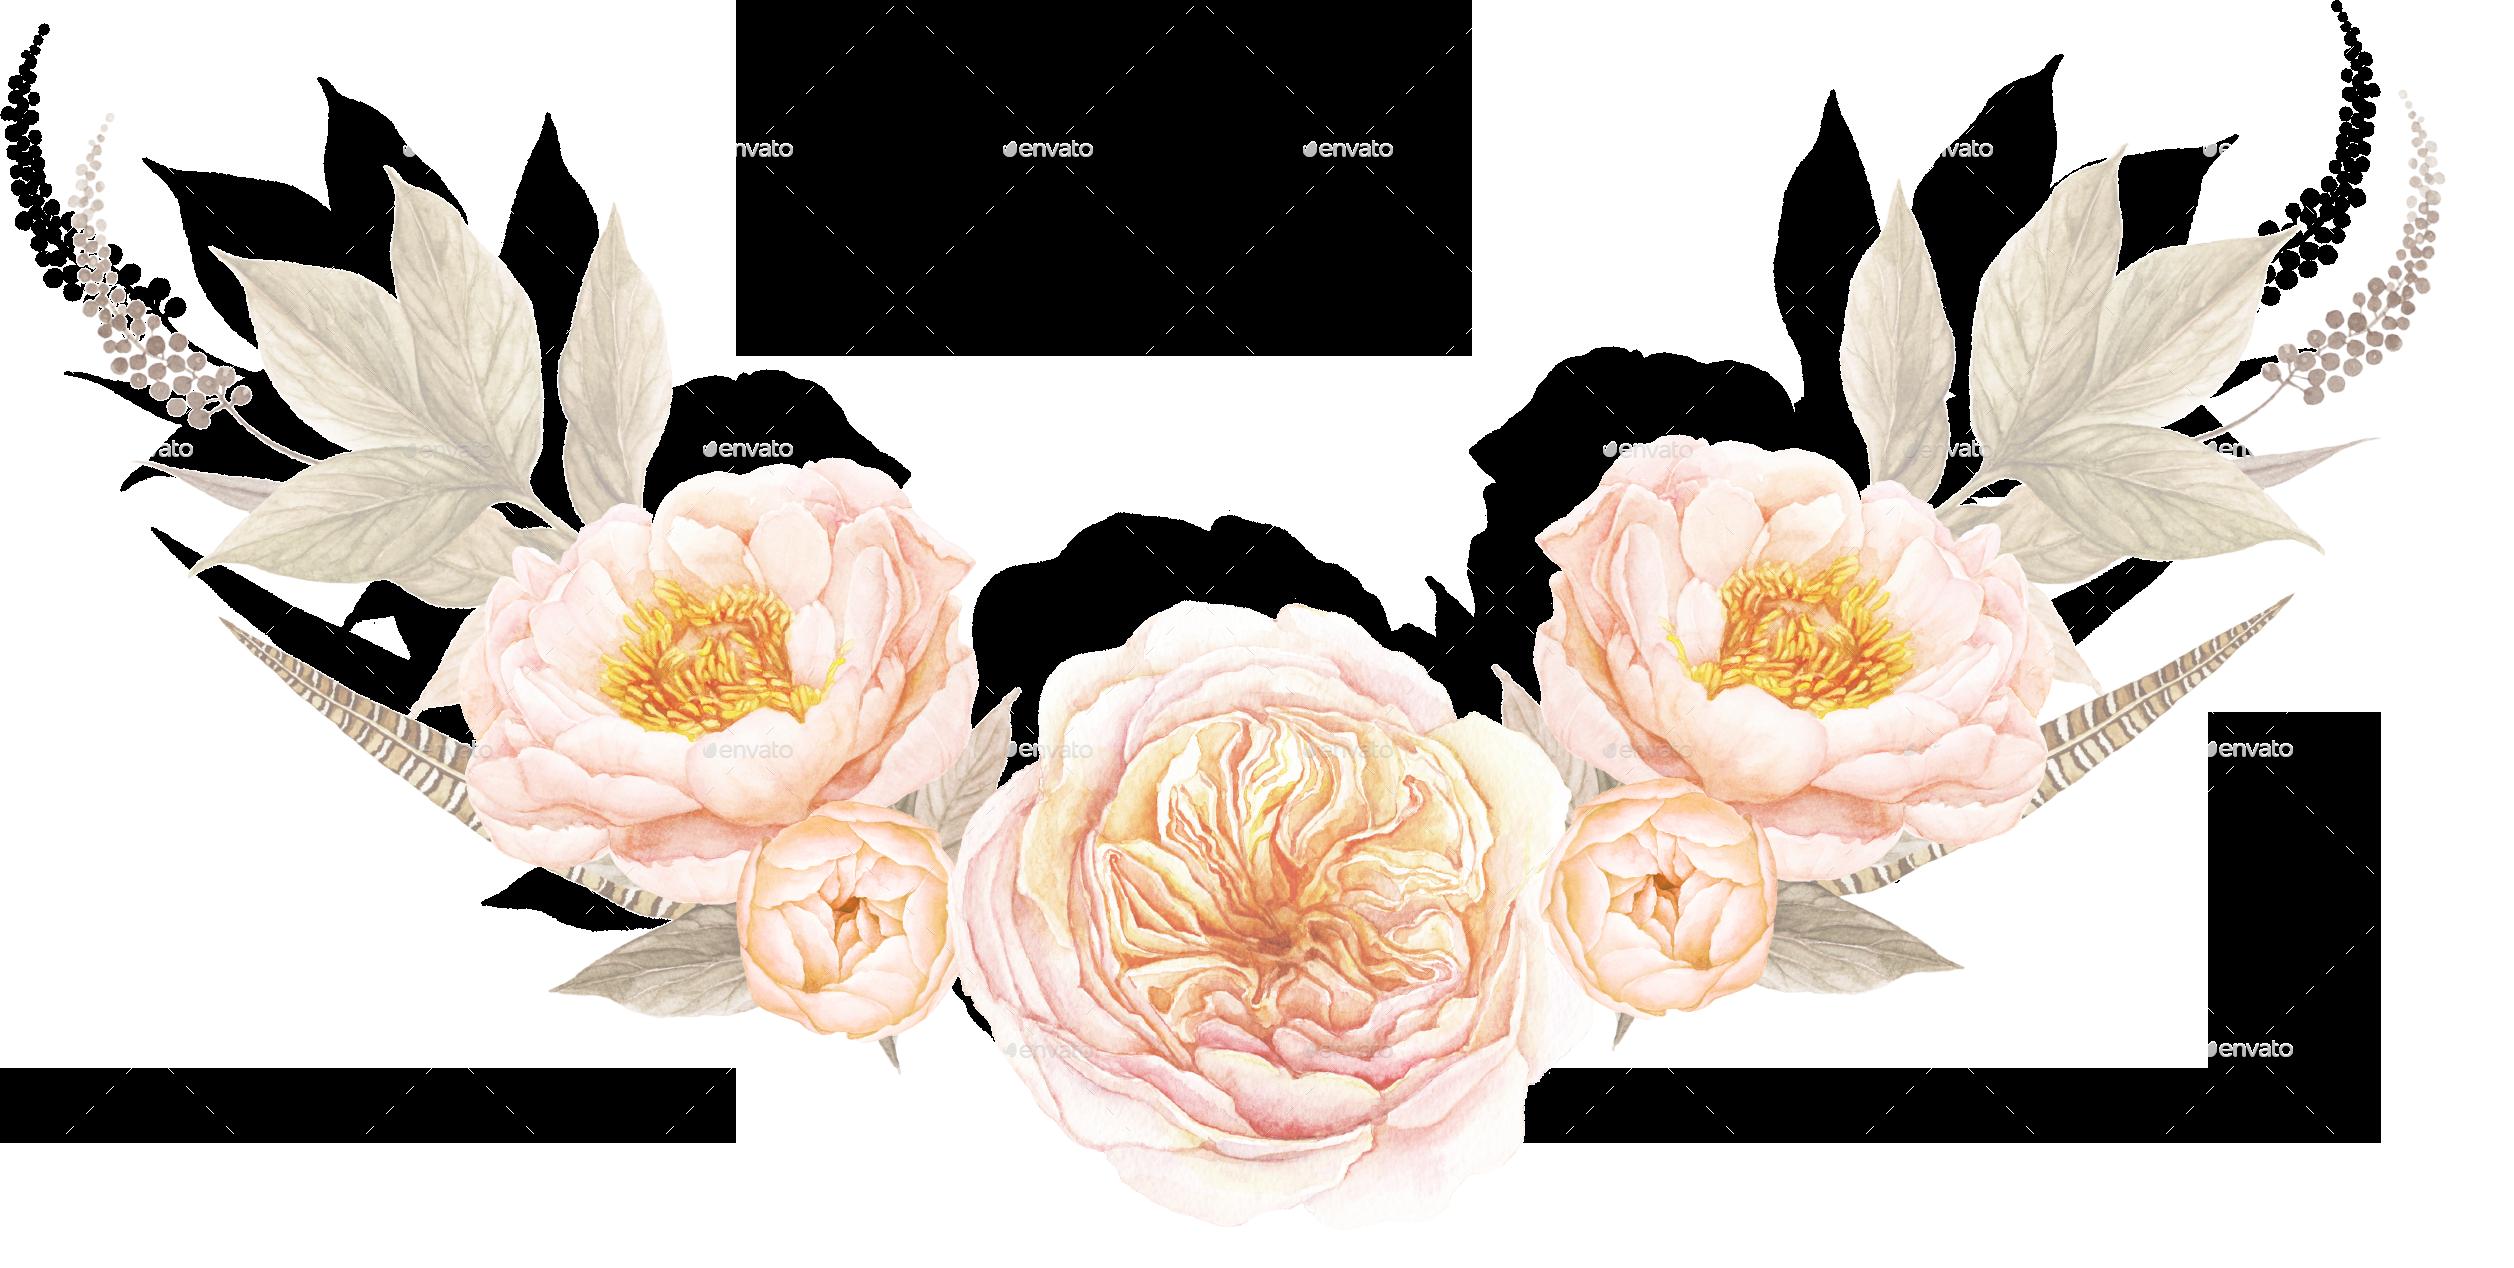 Transparent images pluspng teaberryfloralbouquetfloralbouquetpng. Flower vintage png